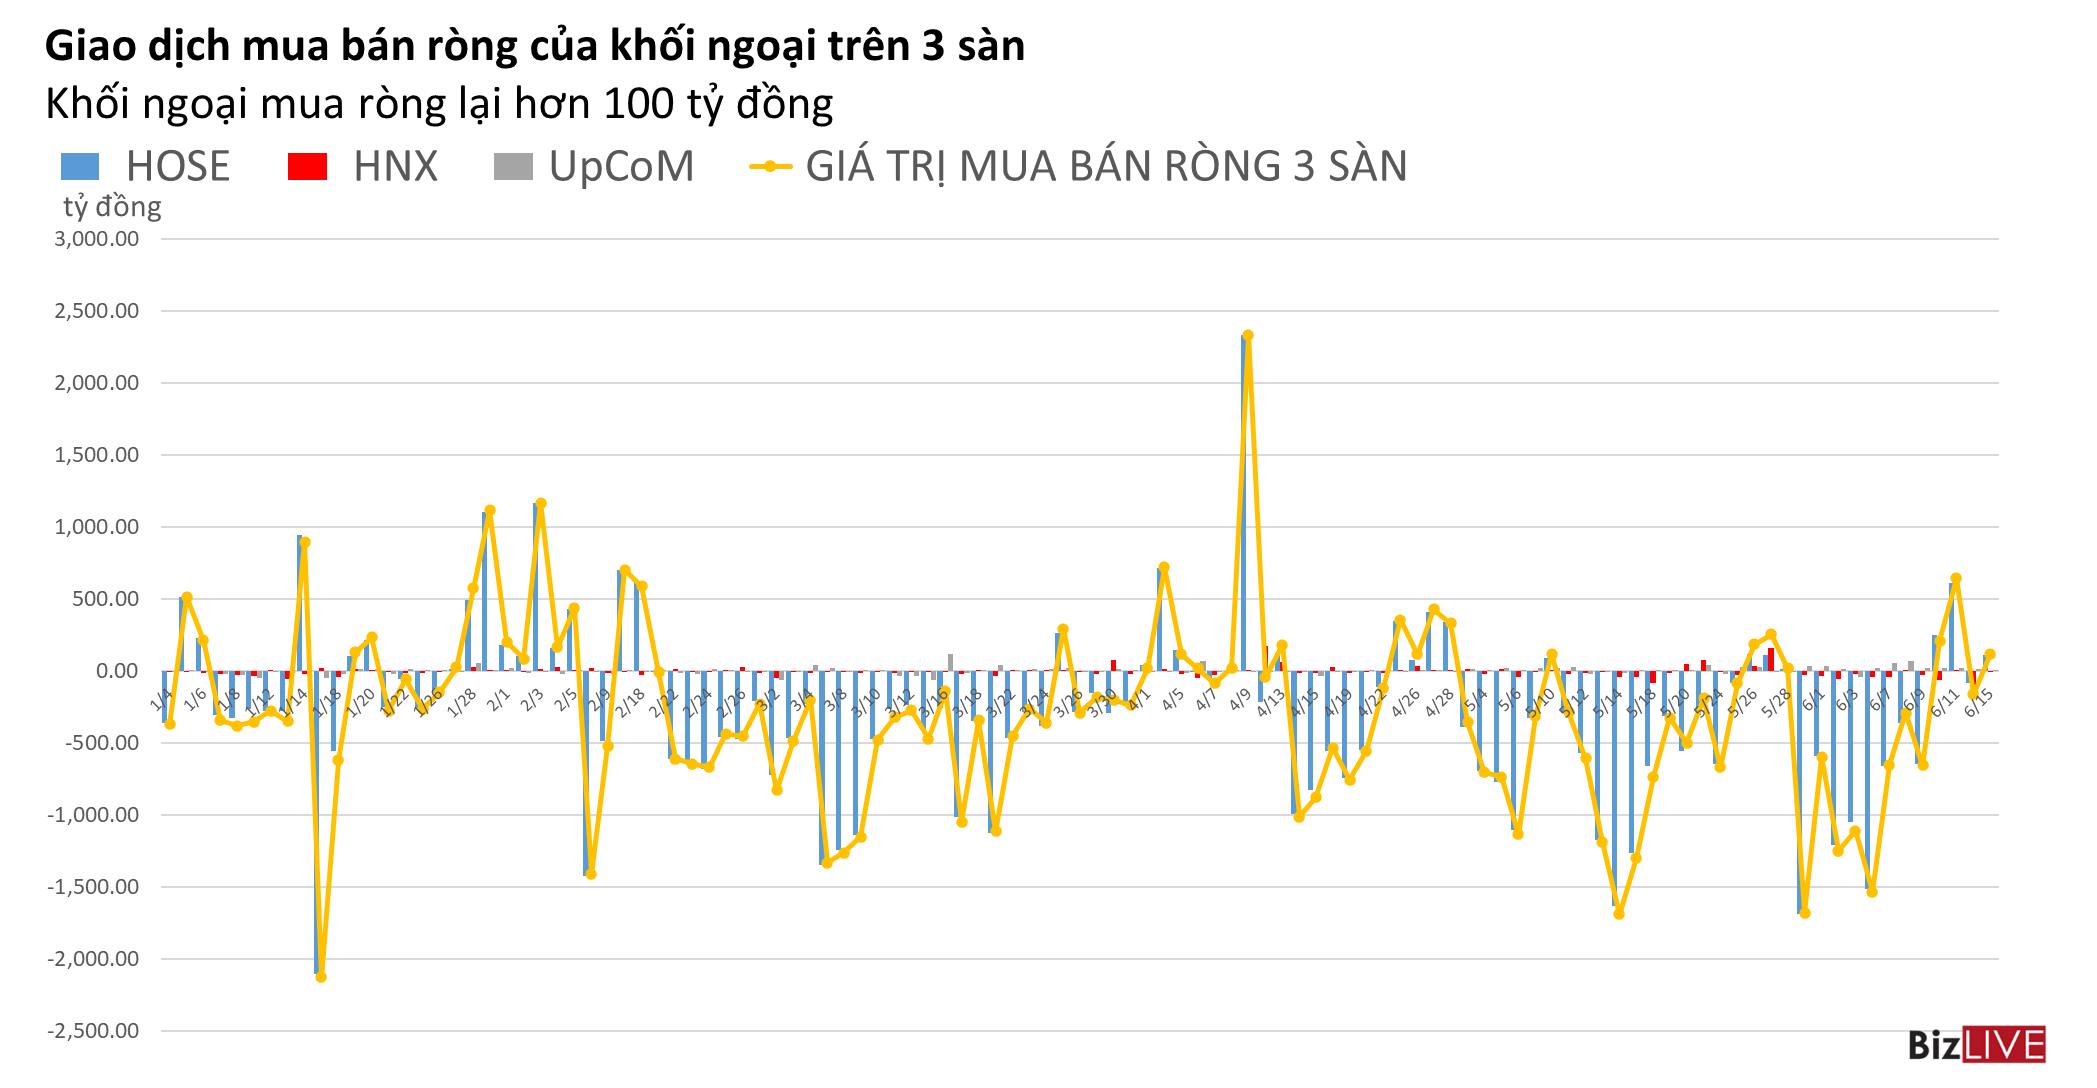 Phiên 15/6: Khối ngoại mua ròng trở lại gần 120 tỷ đồng